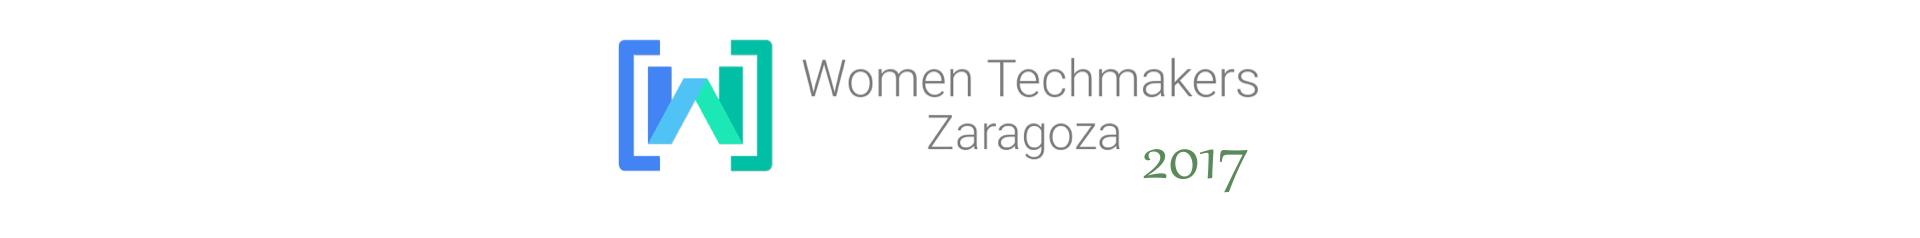 Imagen de Women Techmakers Zaragoza 2017